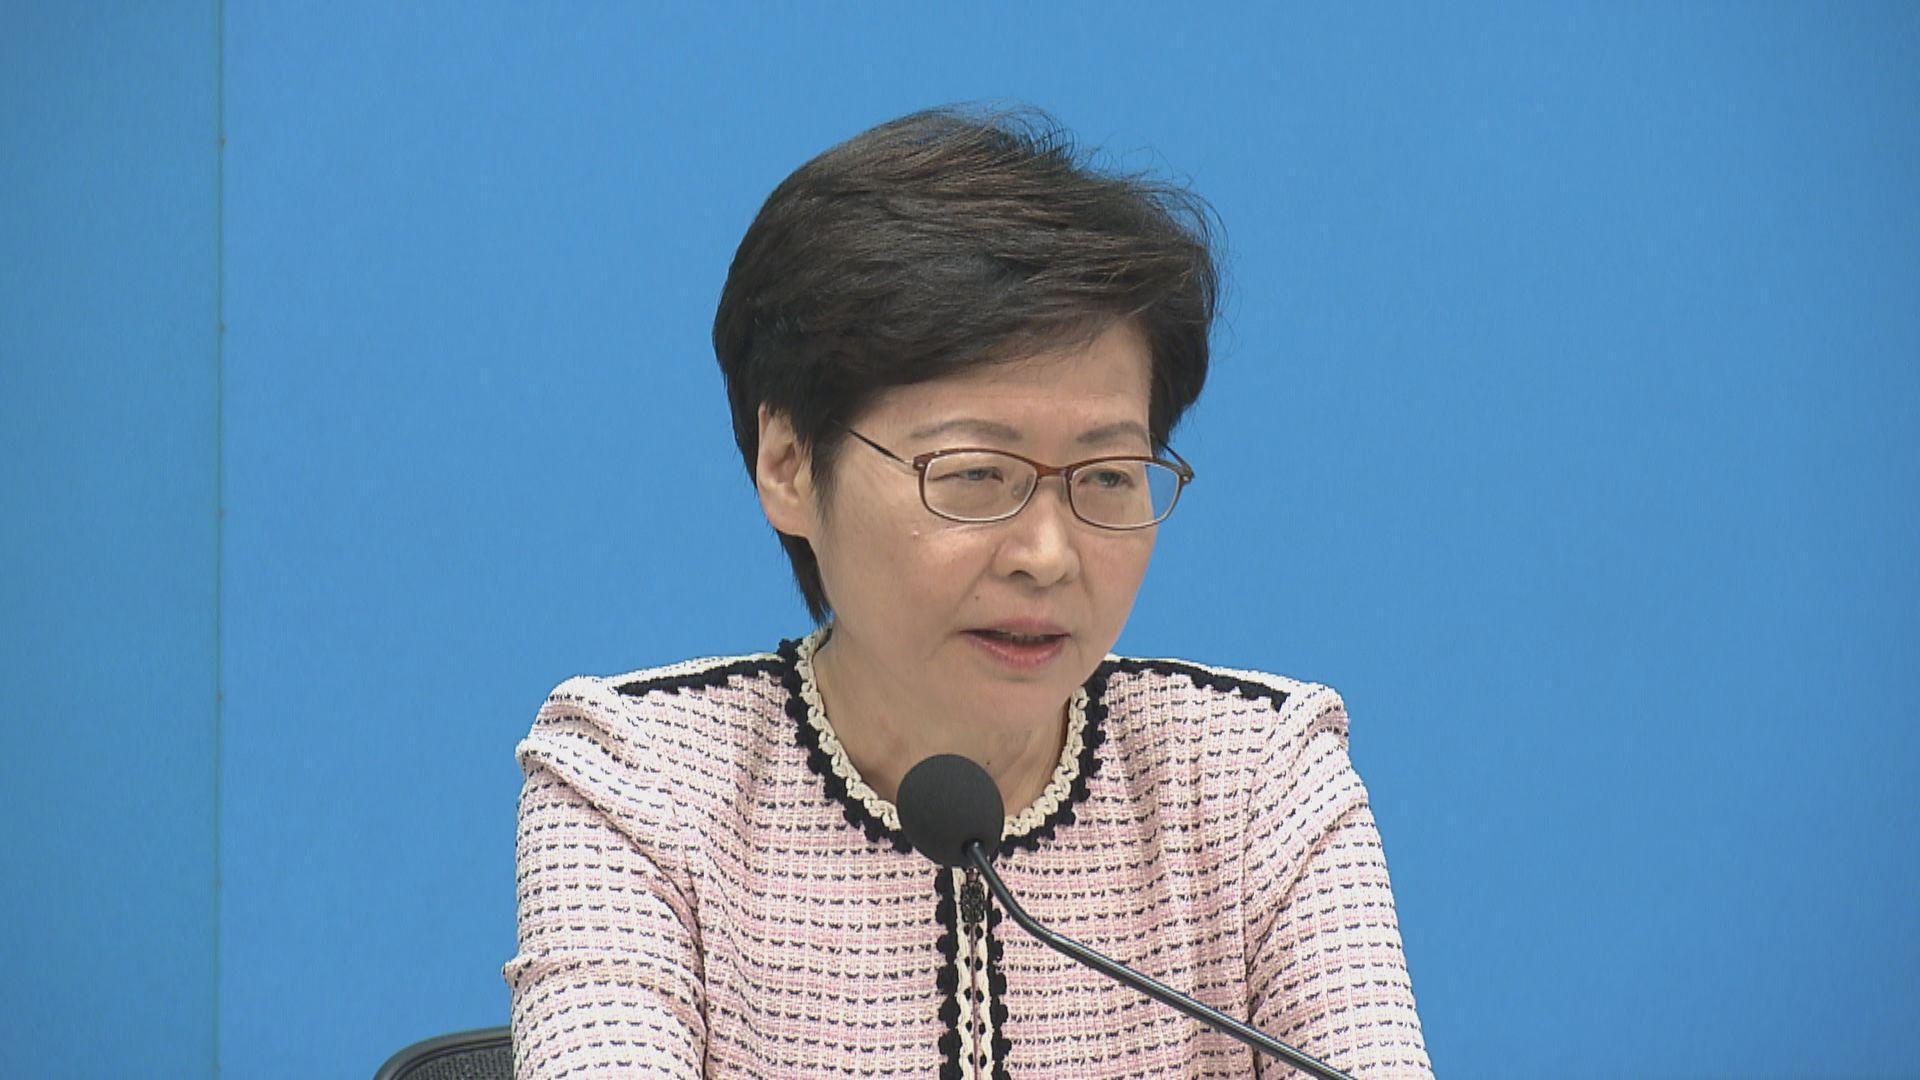 林鄭:教協以政治立場凌駕教育專業 政府必須採取行動